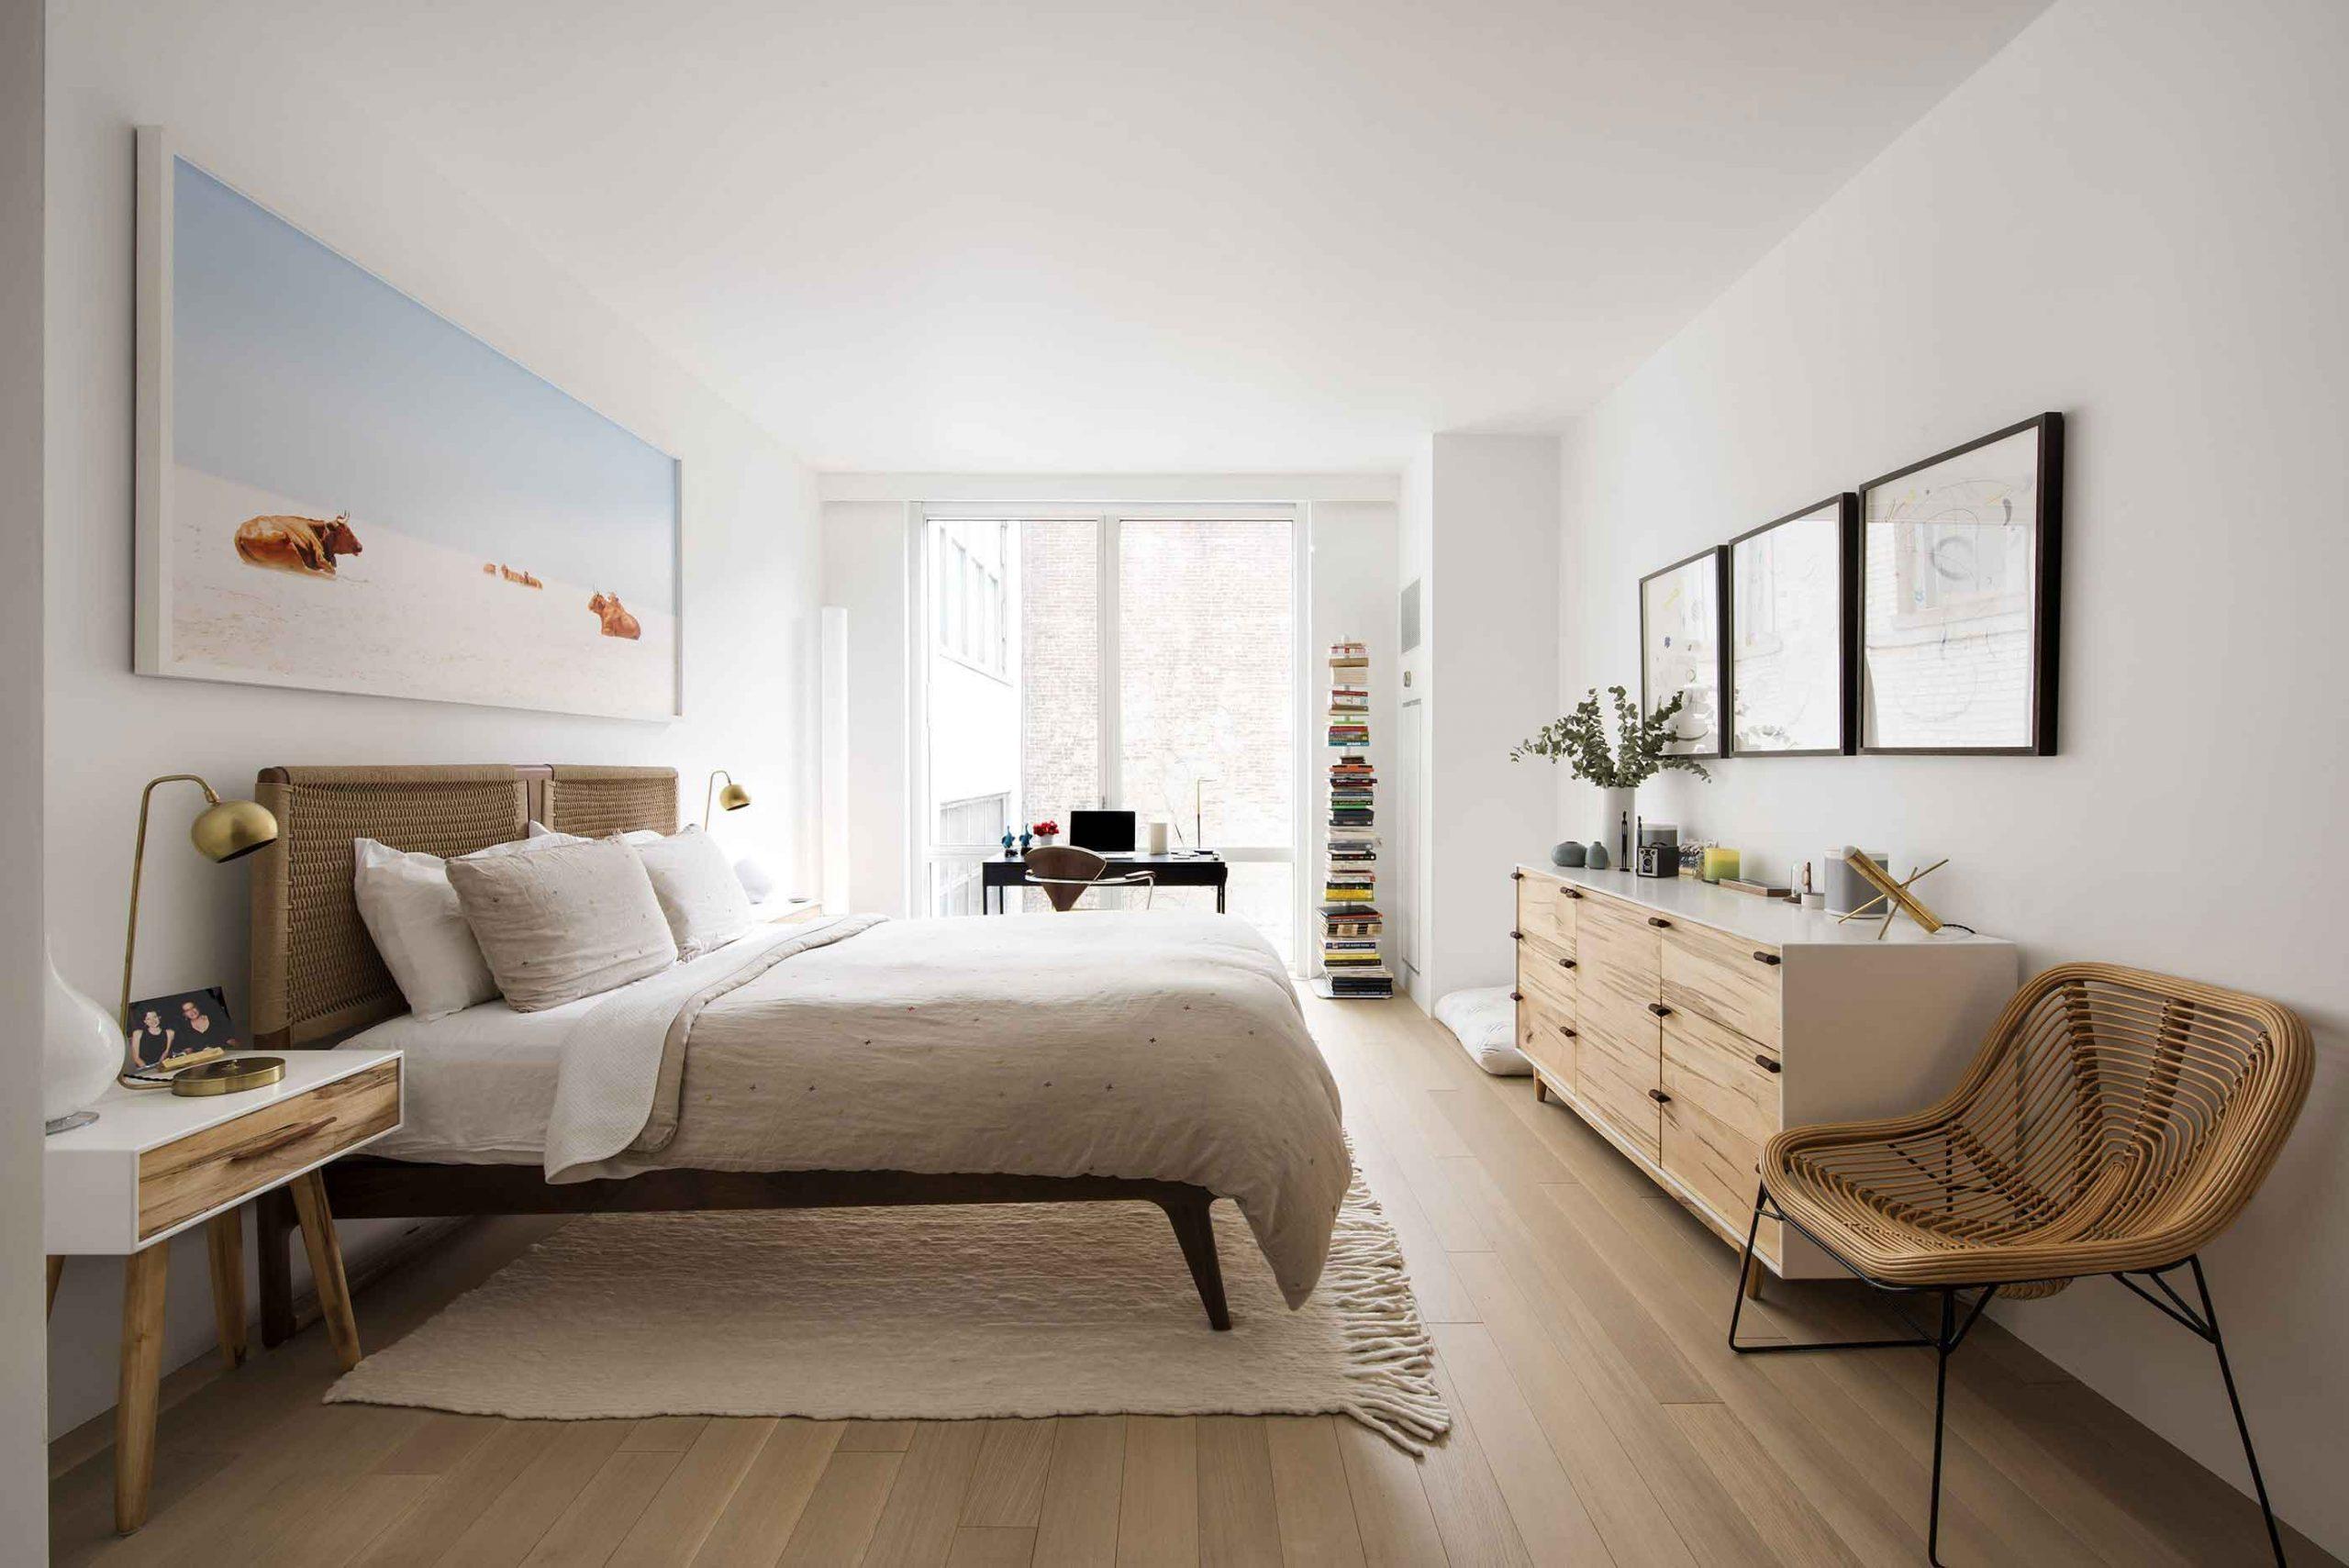 10 أجمل غرف النوم الحديثة